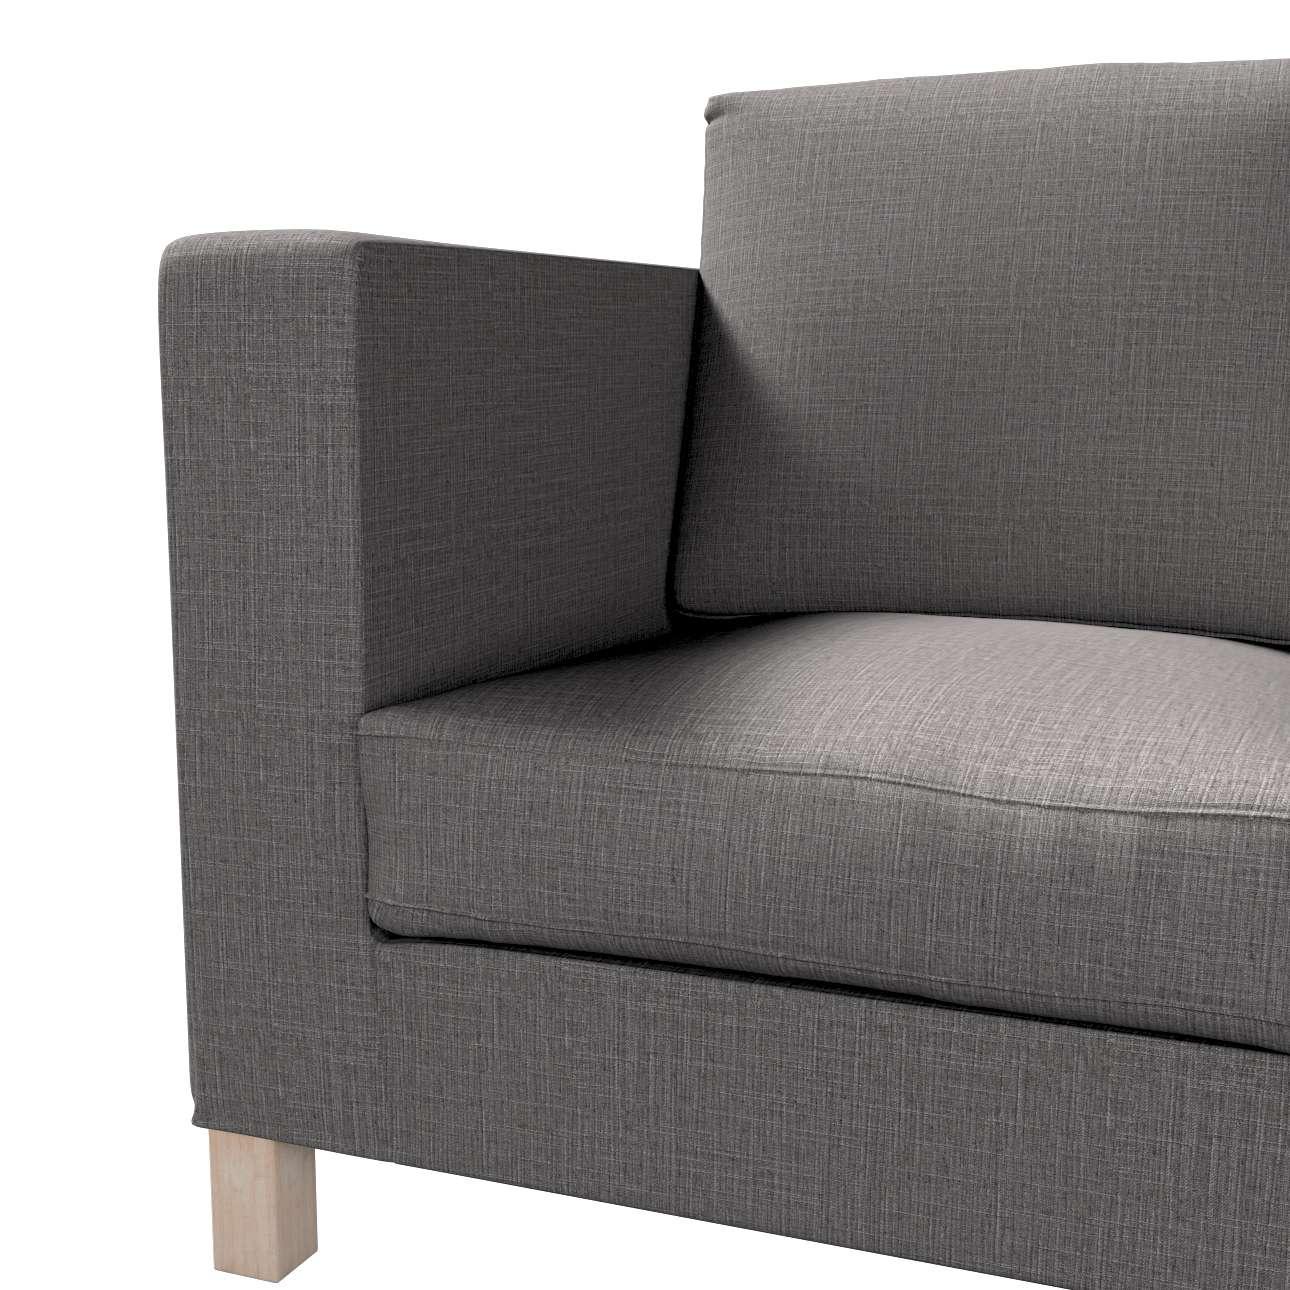 Karlanda klädsel <br>3-sits soffa - kort klädsel i kollektionen Living 2, Tyg: 161-16